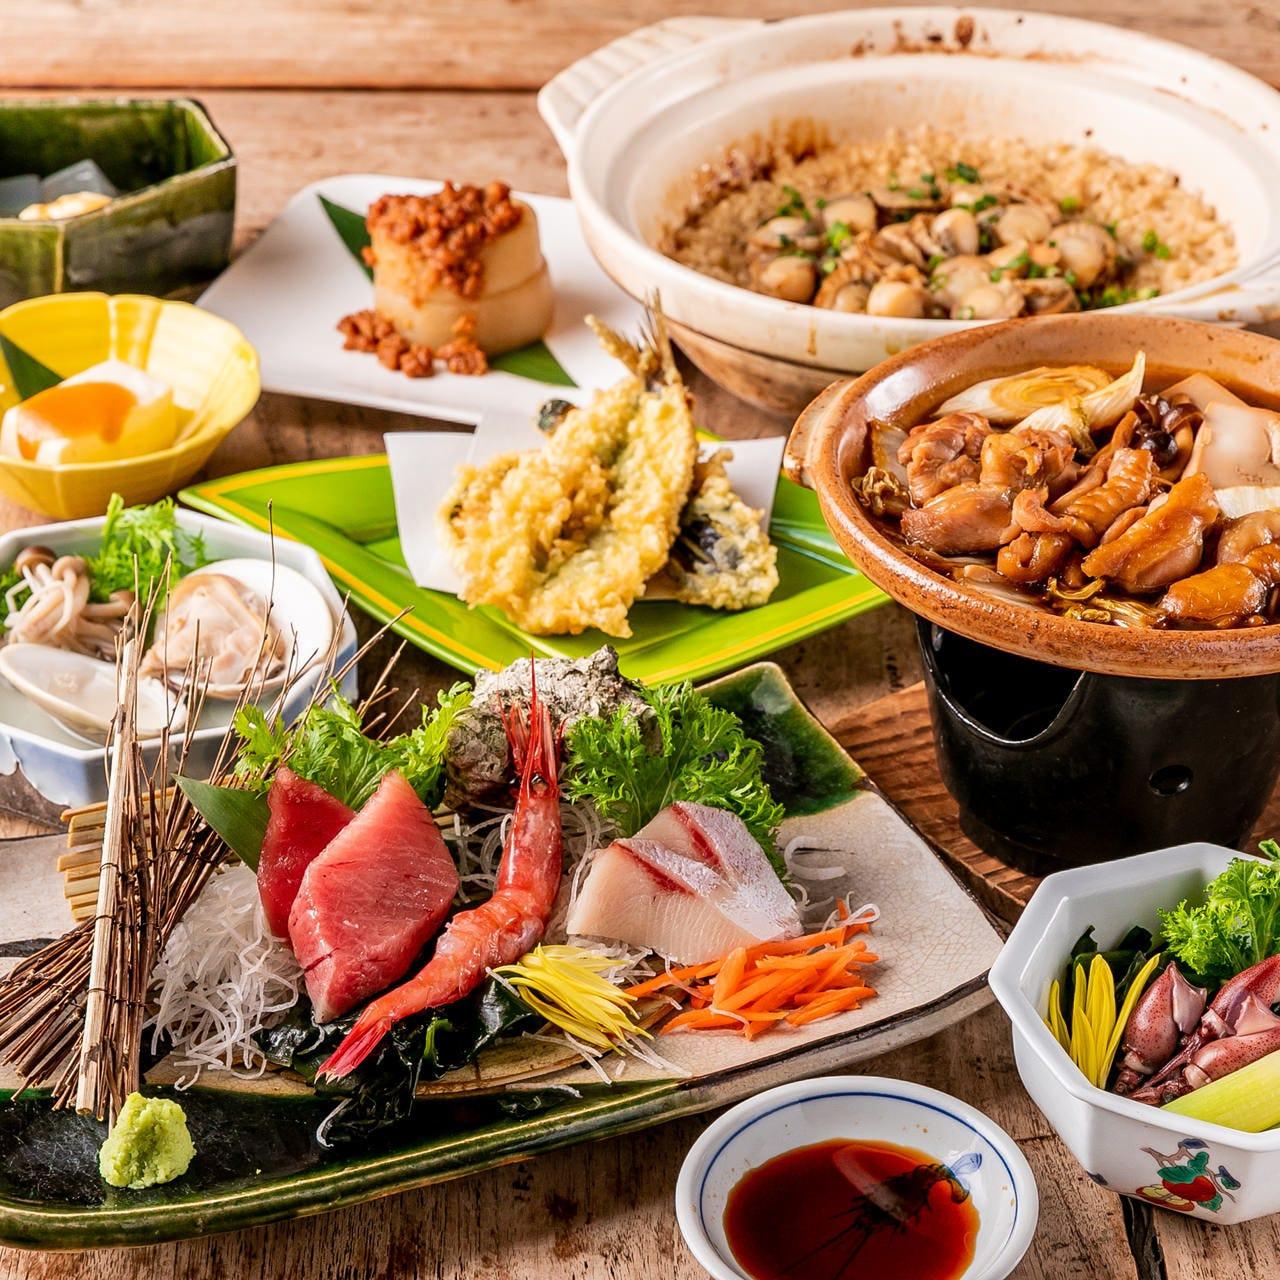 【4月~6月限定】個別盛り!『お刺身と鶏すき焼きの会席』新鮮な「生本マグロ」「地魚のお刺身盛合せ」